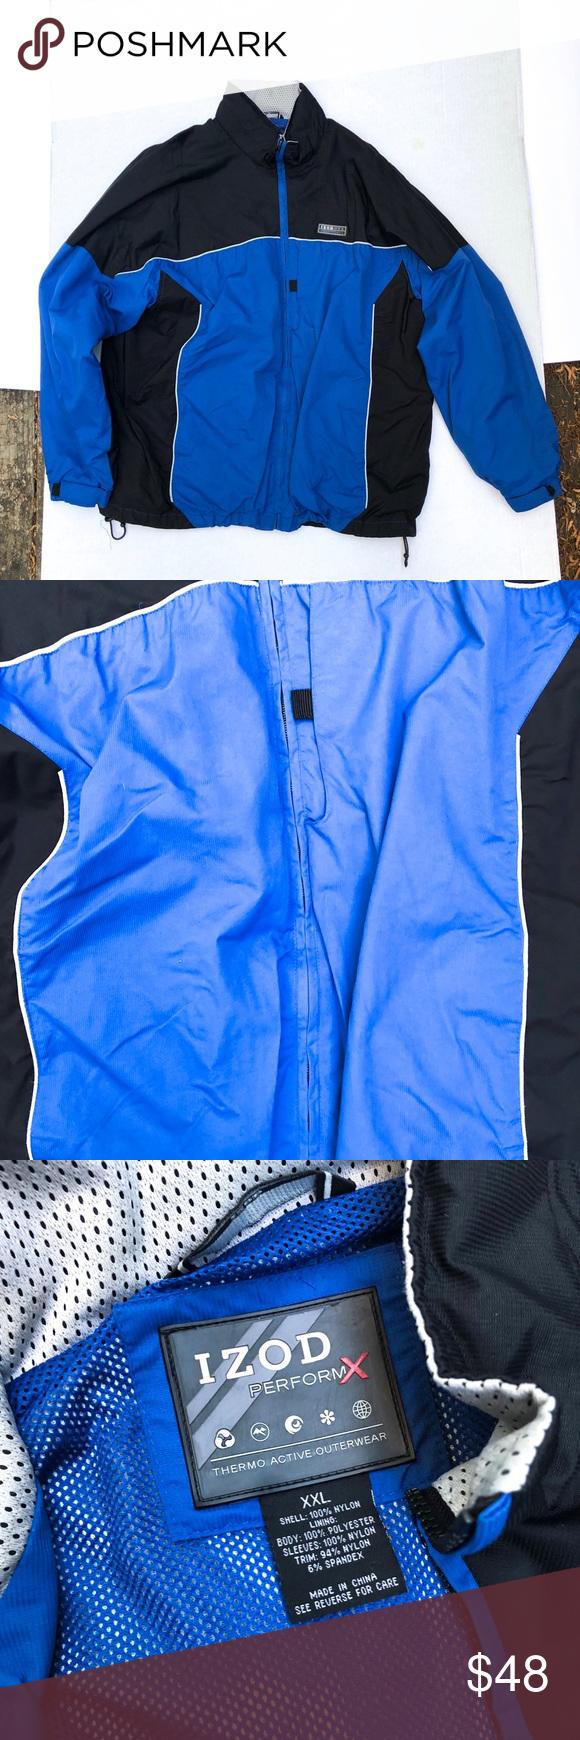 Izod Blue Performx Izod Perform X Thermo Technology Outerwear Black Blue Size Xxl Izod Jackets Coats Performance Jackets Outerwear Izod Fashion [ 1740 x 580 Pixel ]